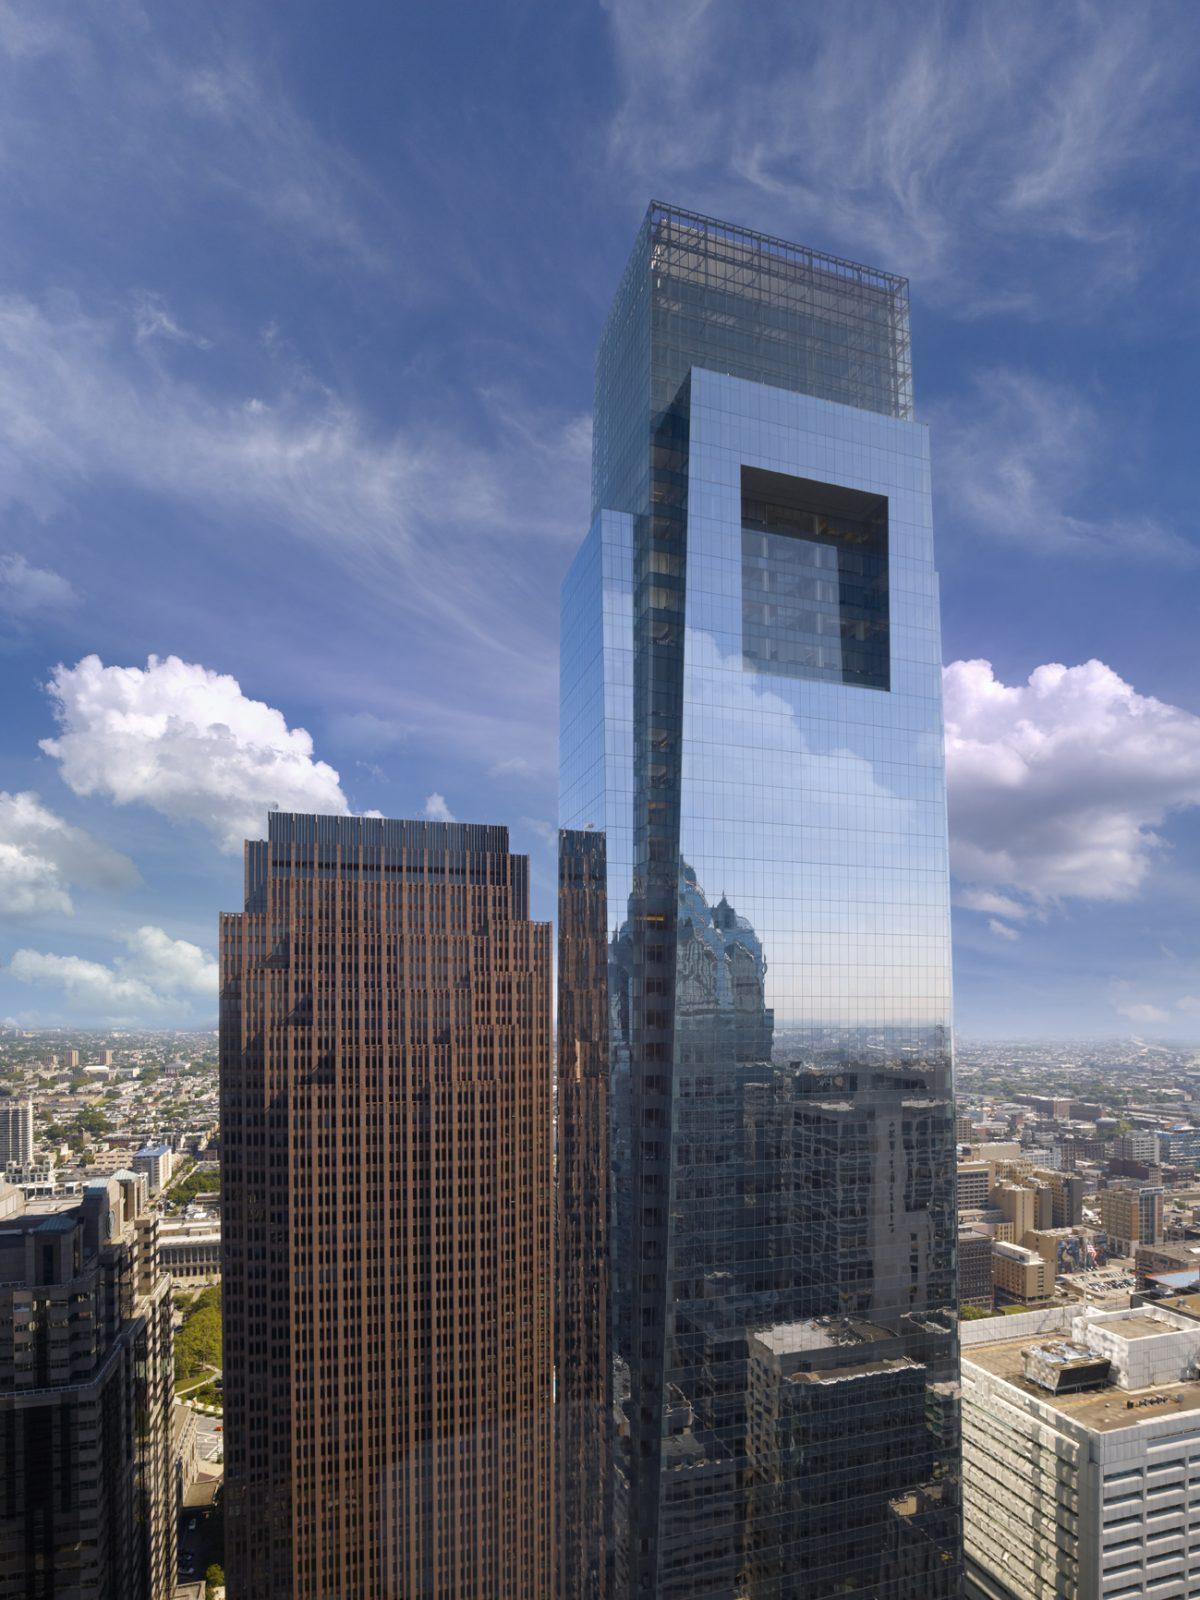 Comcast Tower